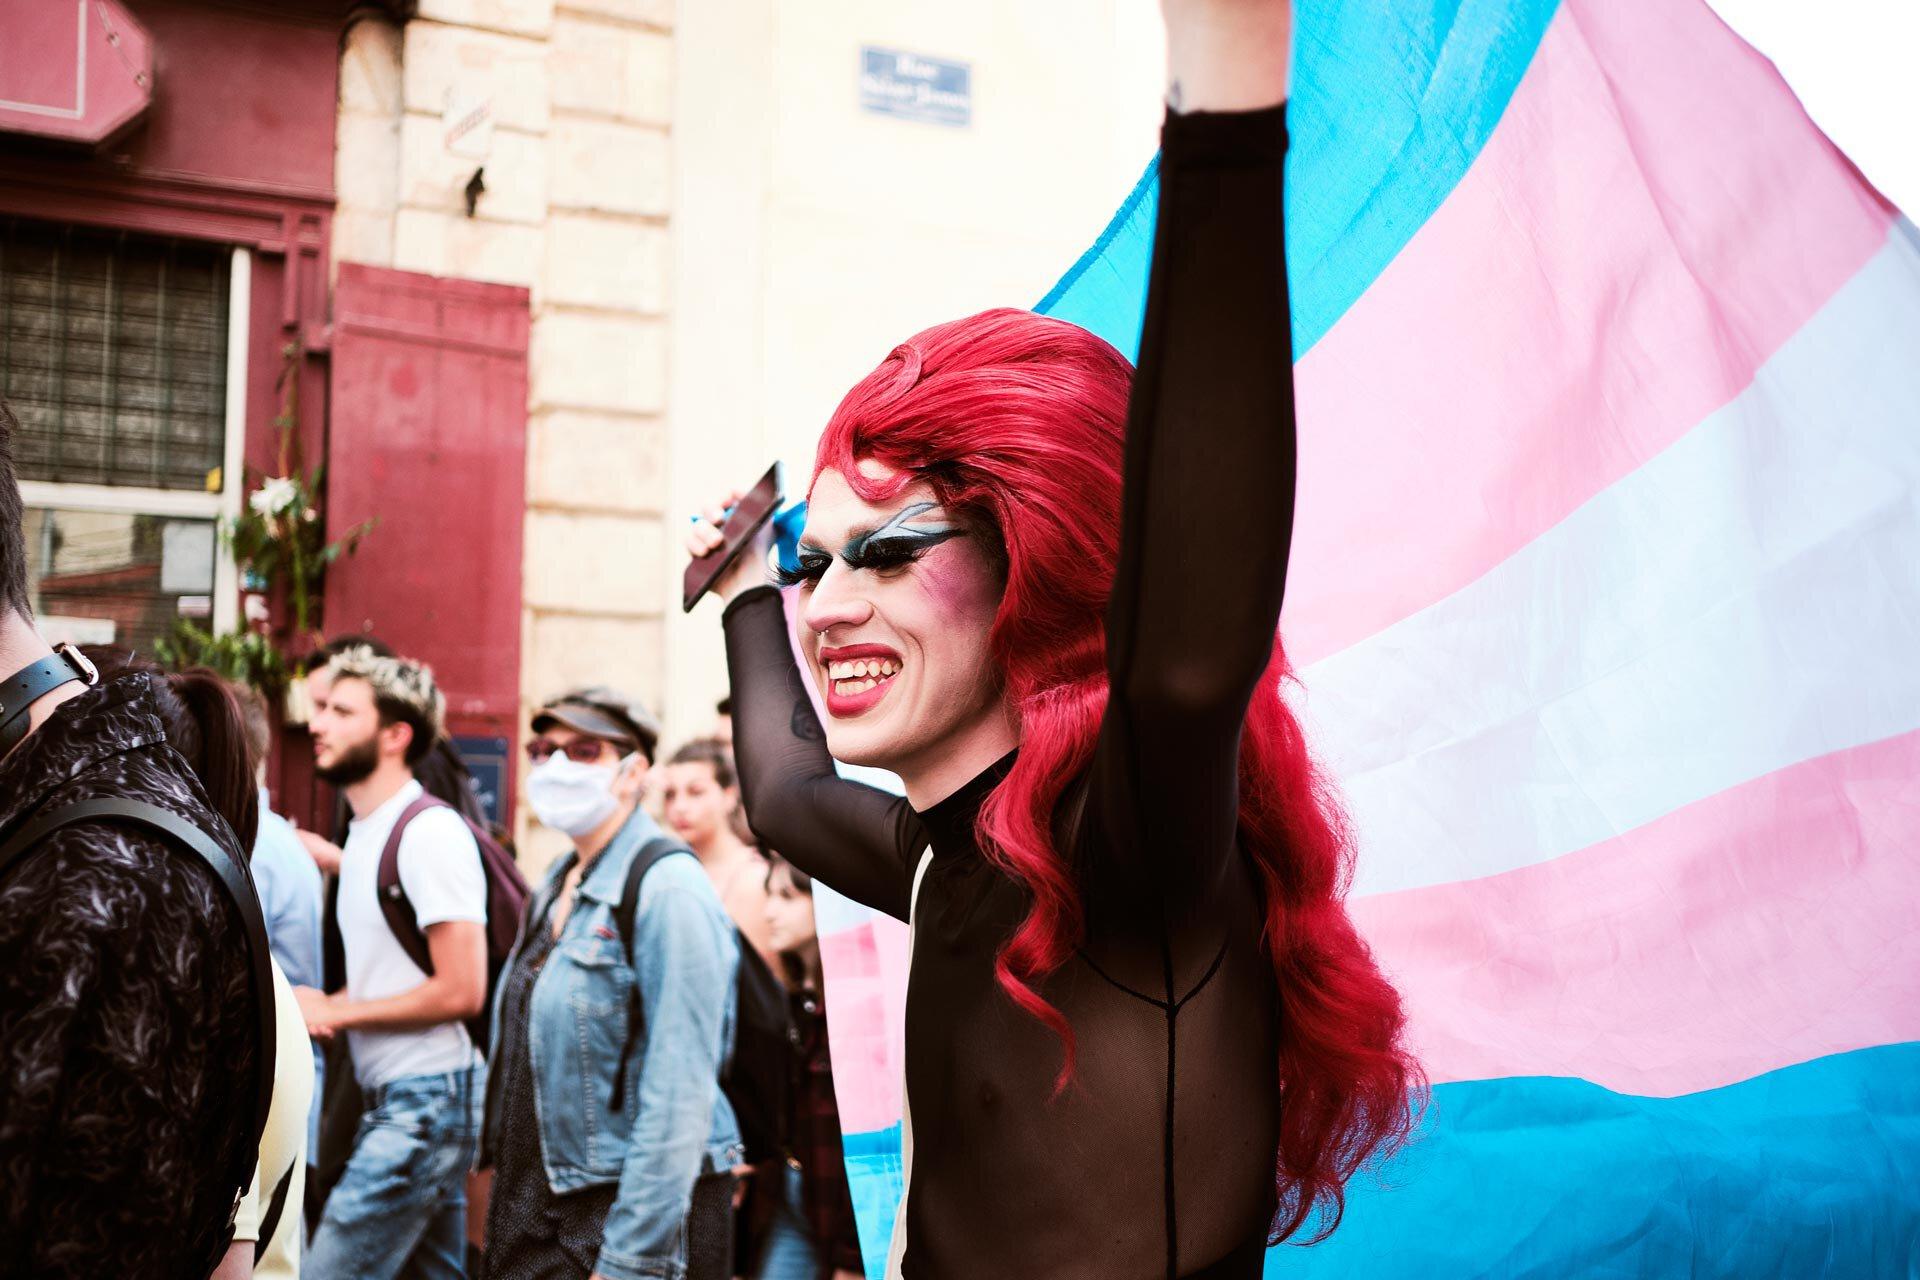 L'artiste Le point G lève le drapeau transgenre.